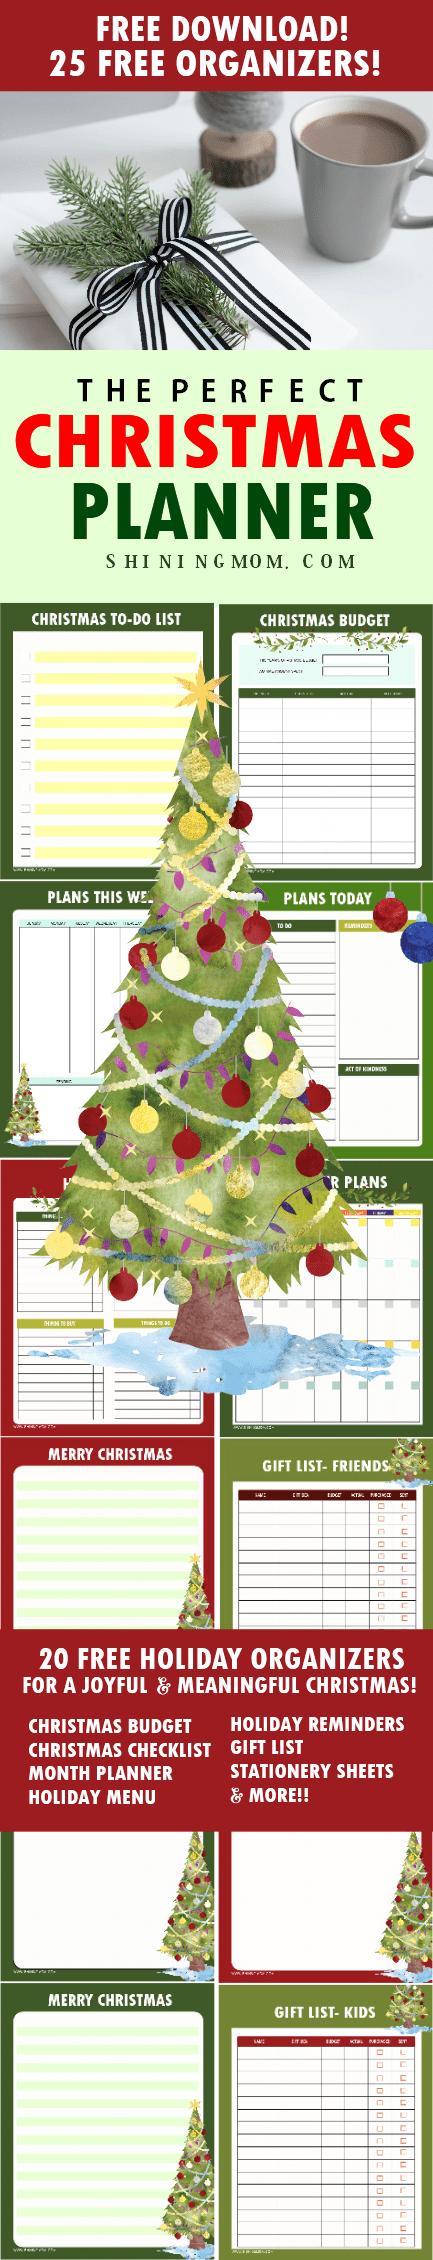 Free Christmas planner printable